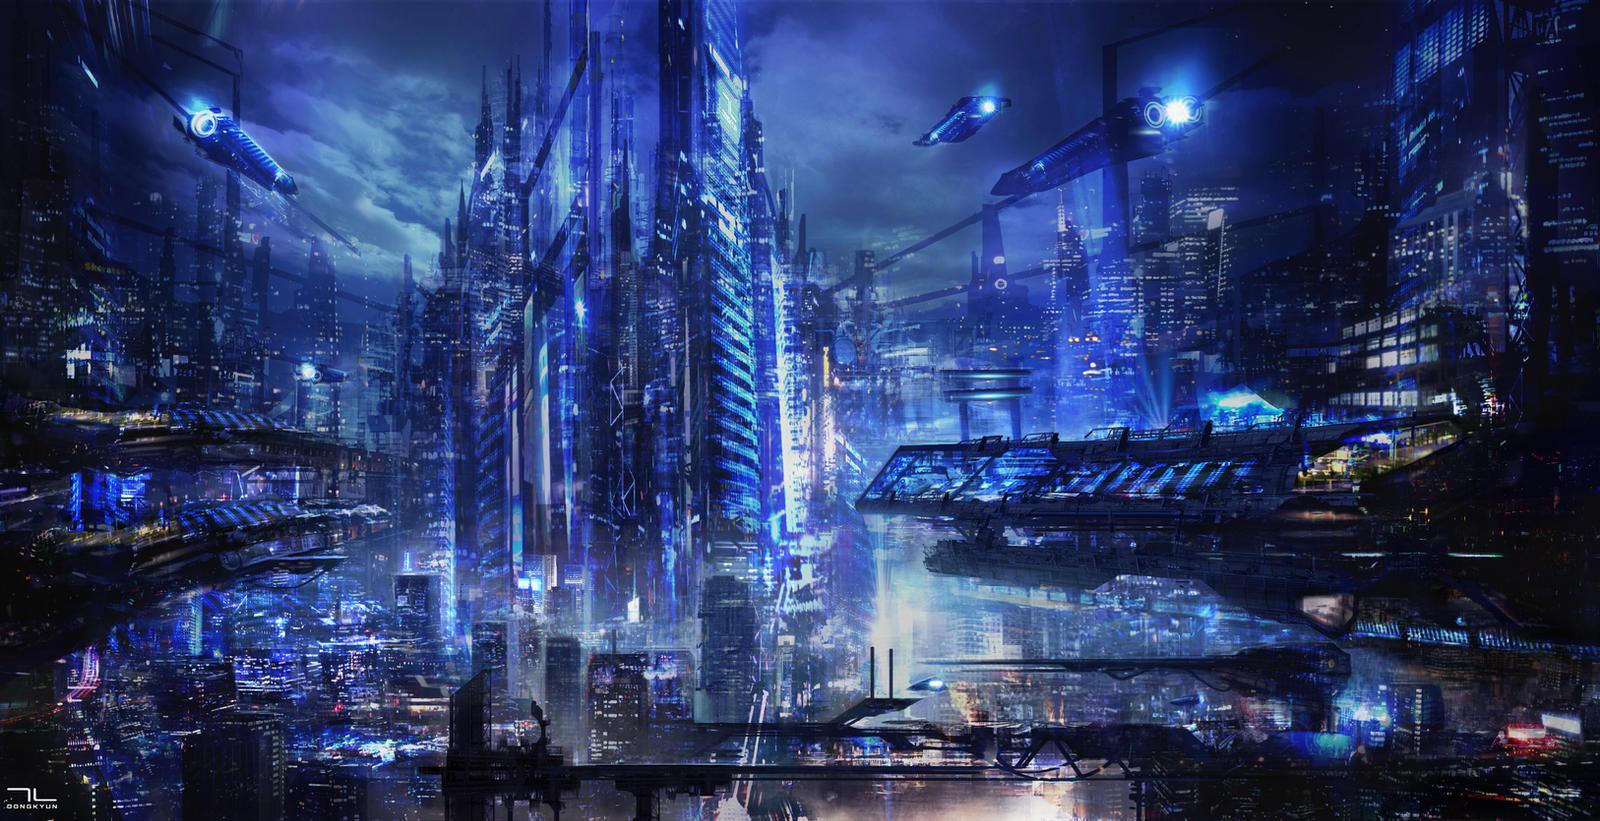 Art 2050